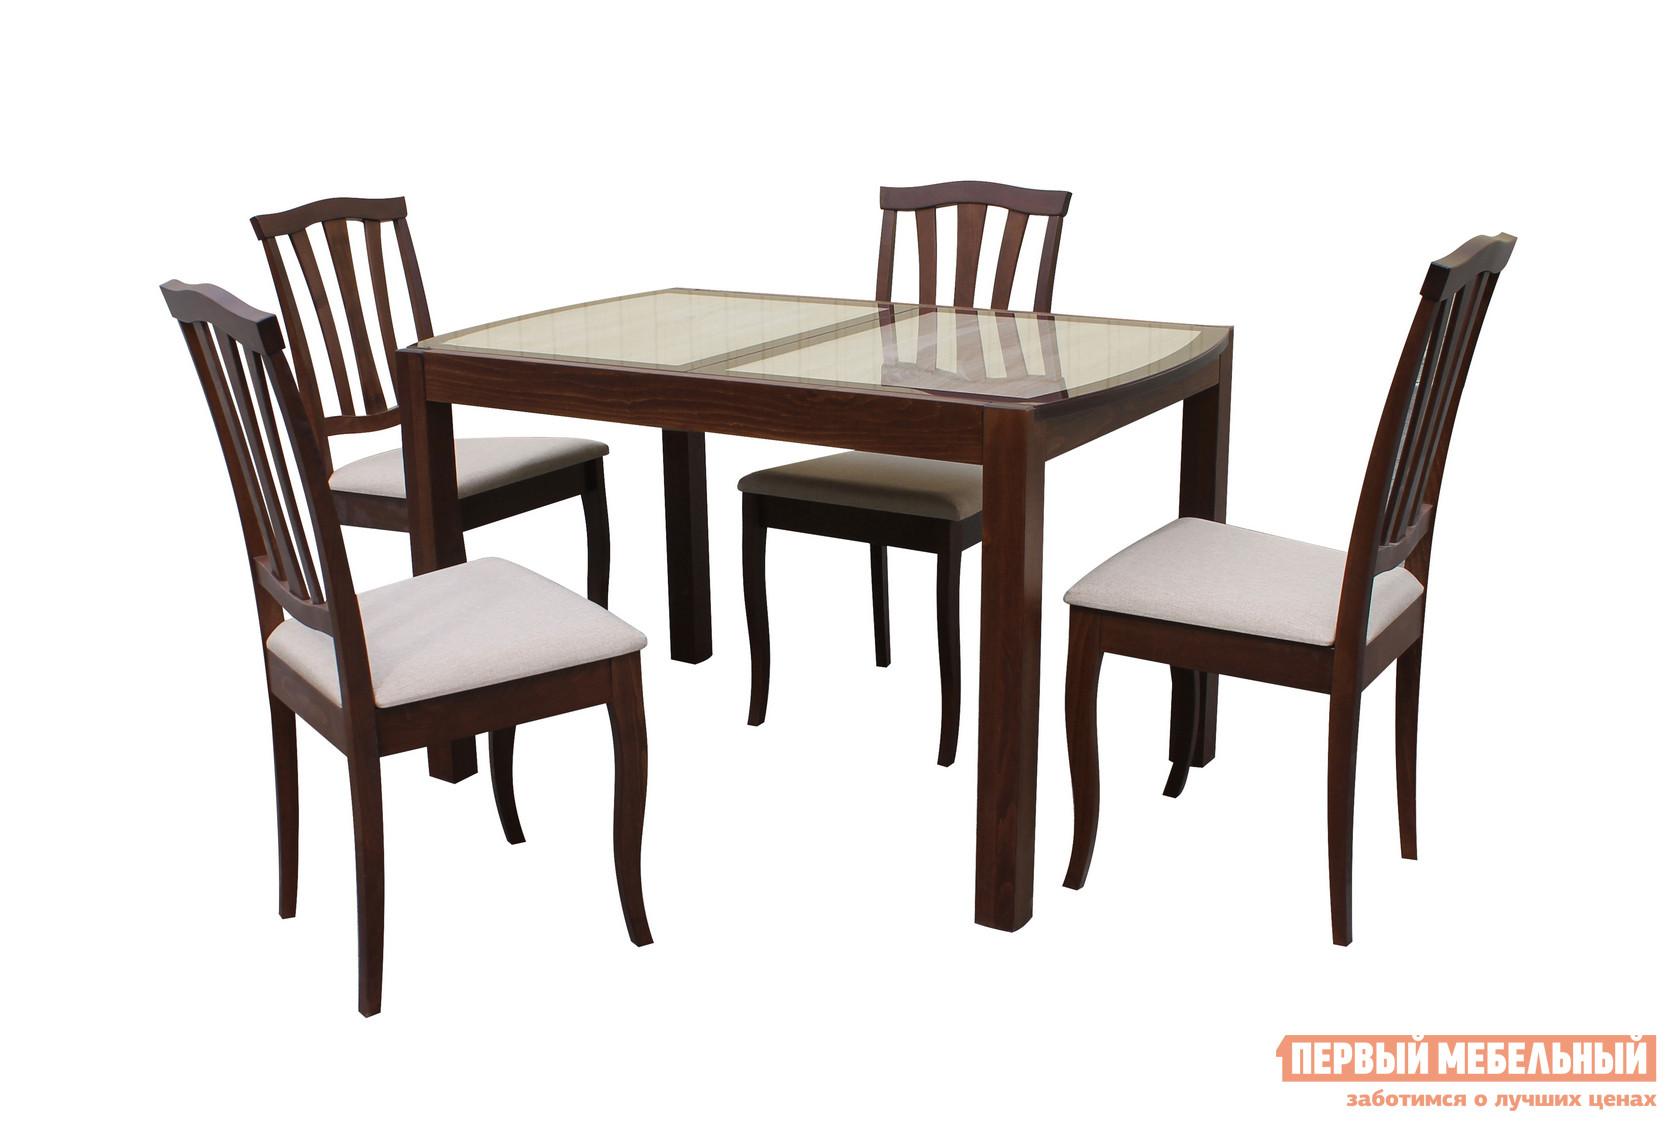 Обеденная группа для столовой и гостиной Mebwill Рига Сити обеденная группа для столовой и гостиной mr kim обеденная группа ra t4ex и 4 стула ra sc